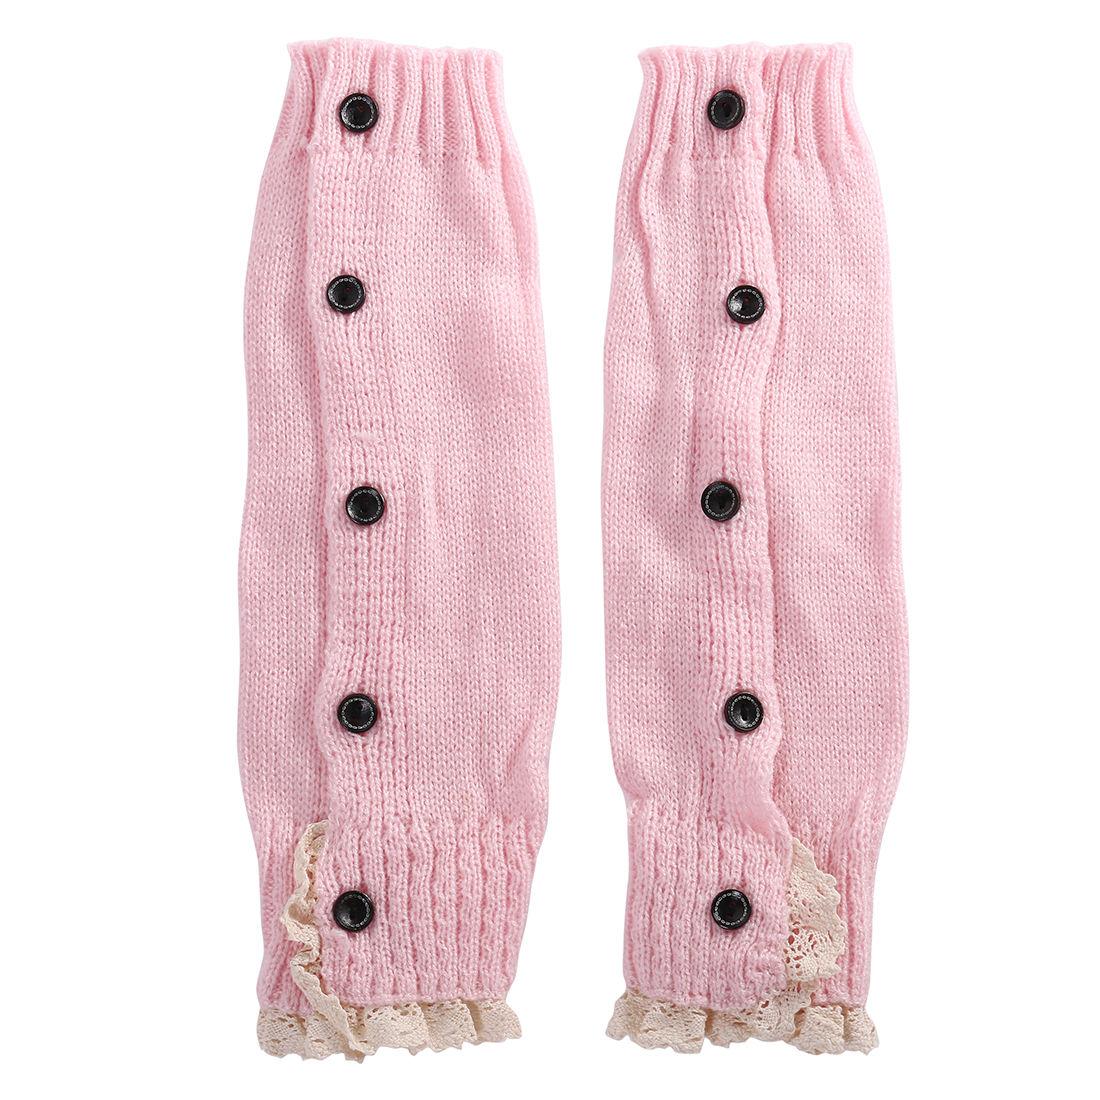 Новинка года; брендовые вязаные гетры в рубчик с кружевными оборками для маленьких девочек и подростков; гетры; 8 цветов - Цвет: Розовый